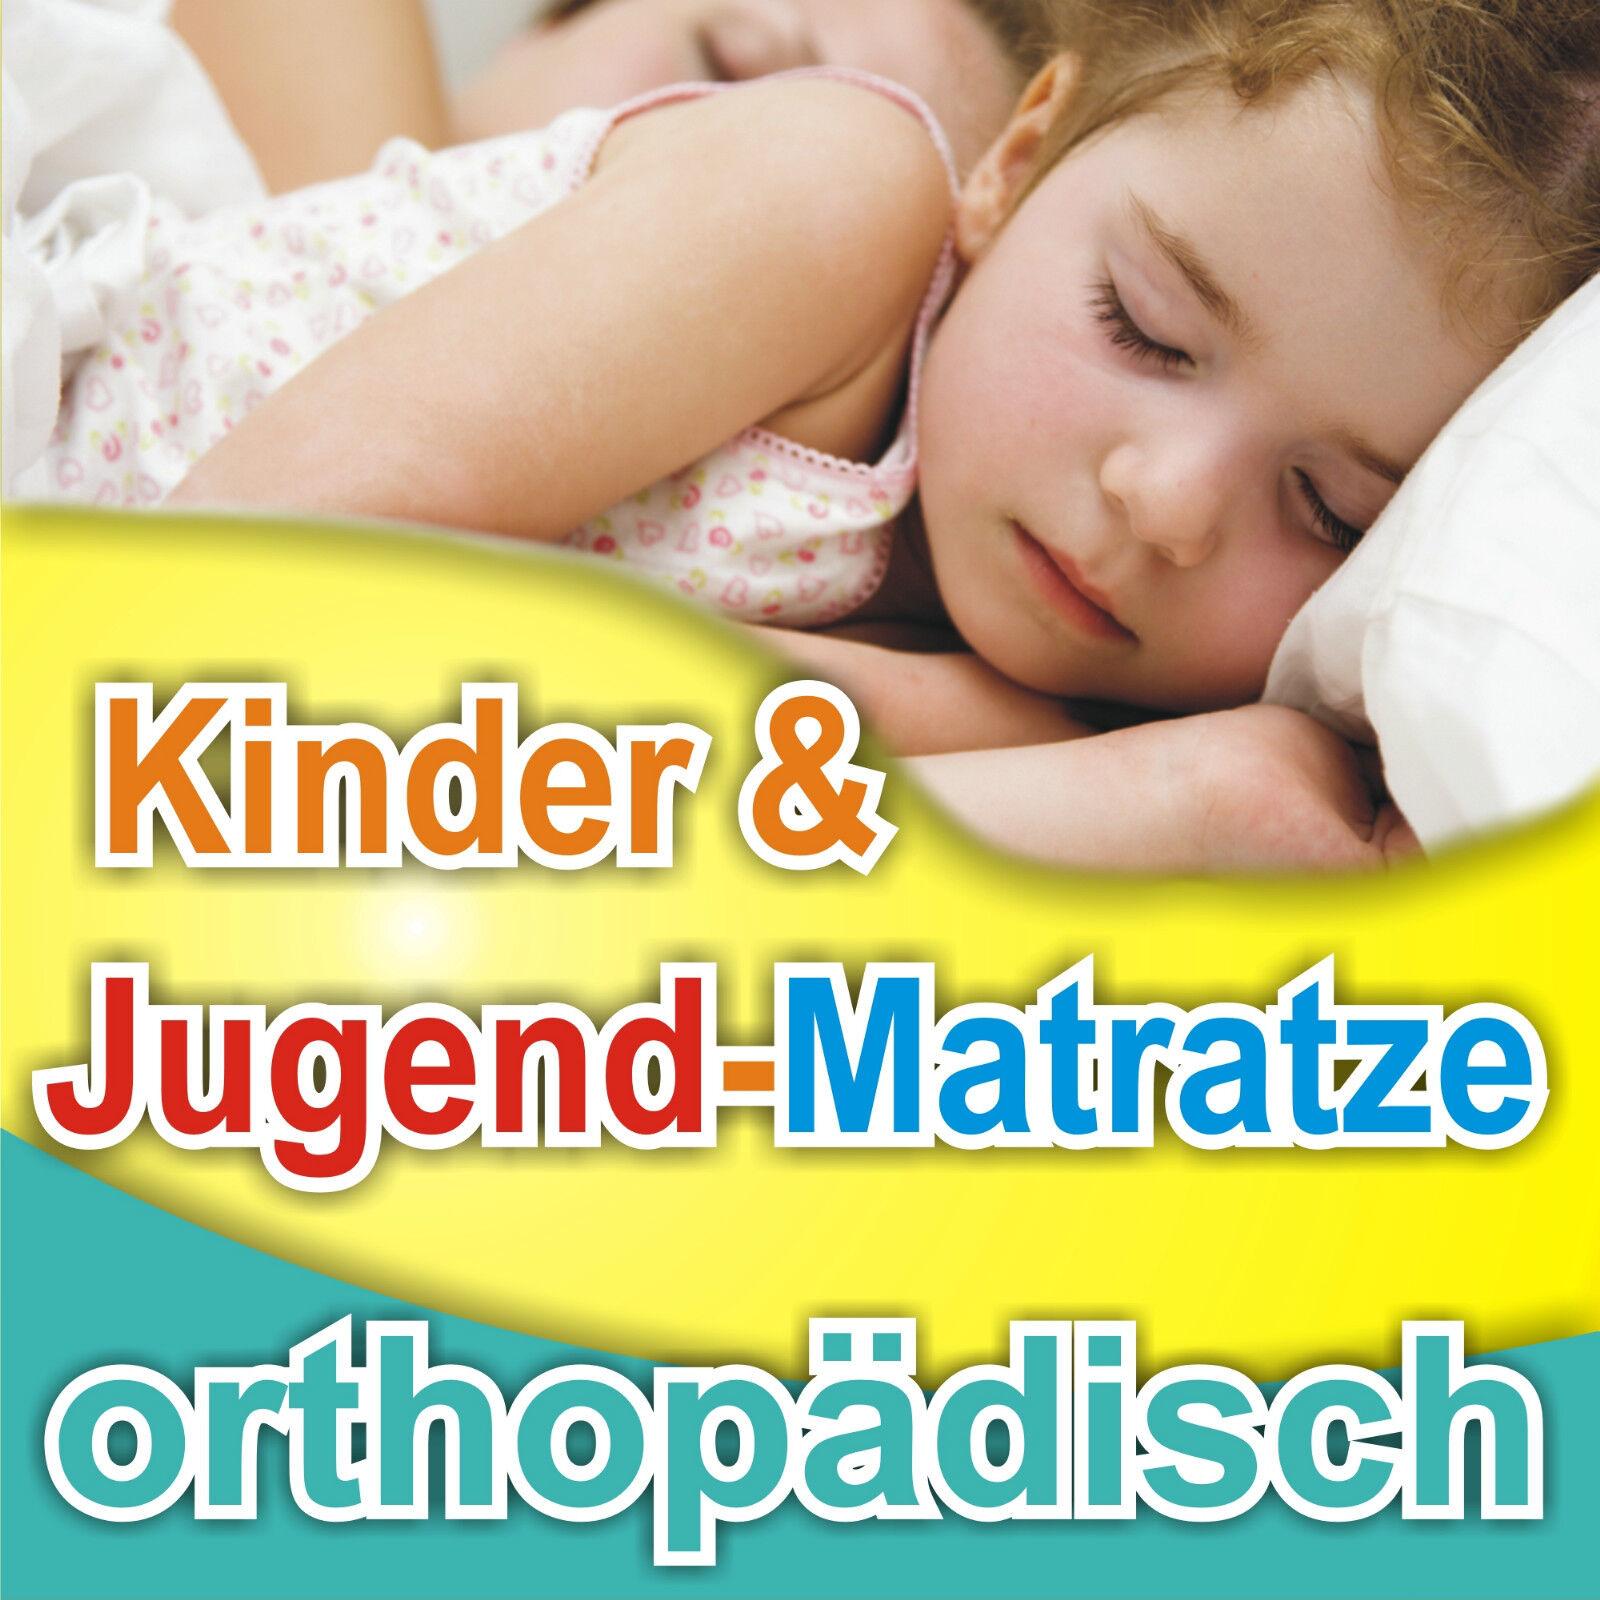 Kinderbett-Matratze KJ-14 90x200cm, Allergiker geeignet Bezug waschbar